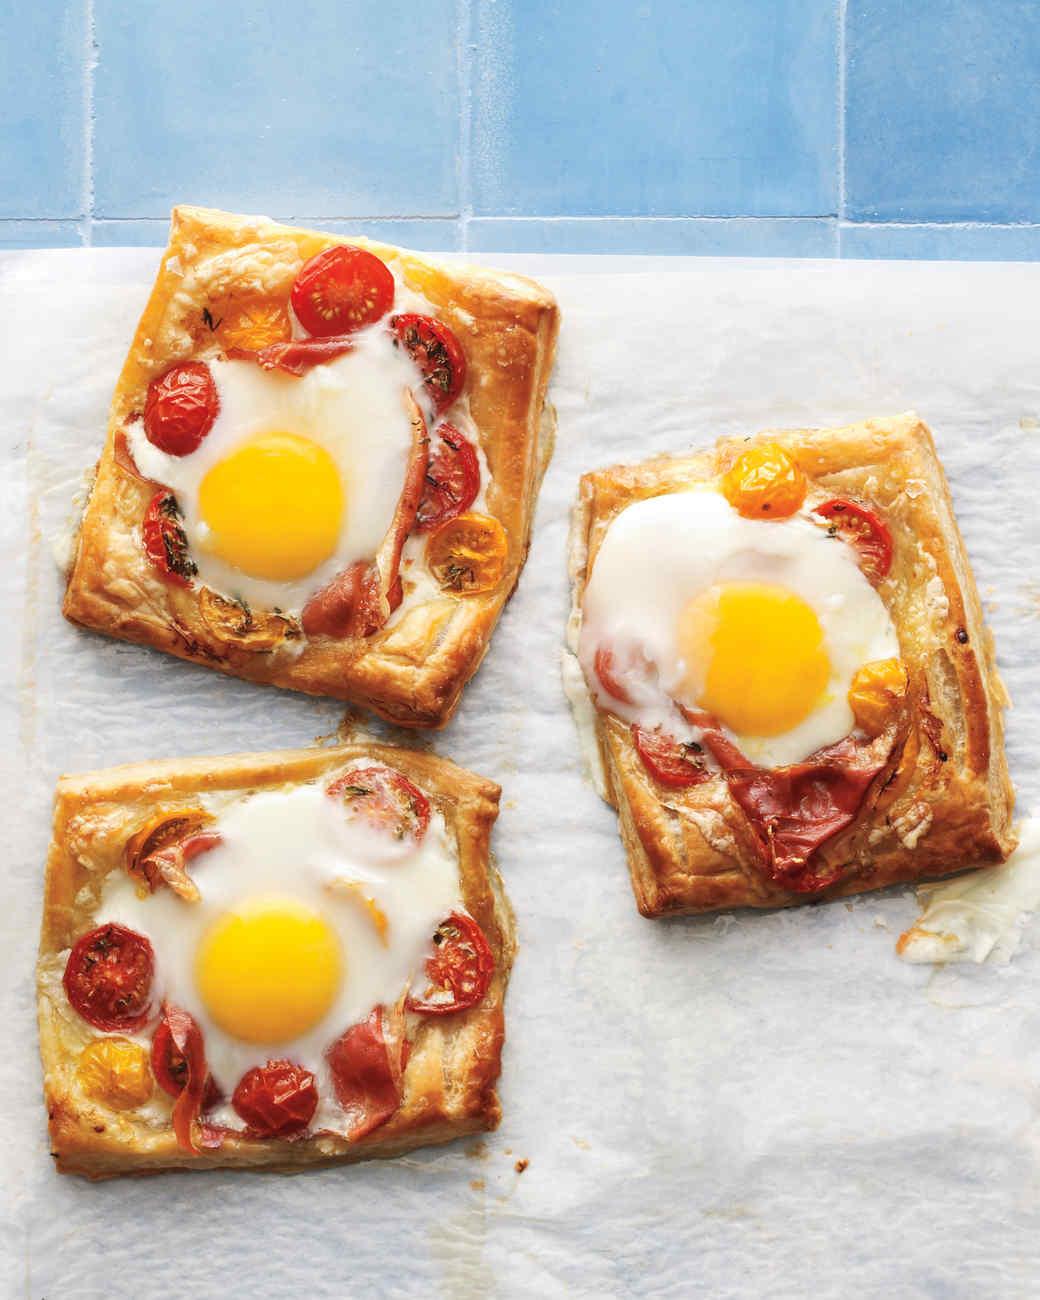 Tomato, Egg, and Prosciutto Tarts